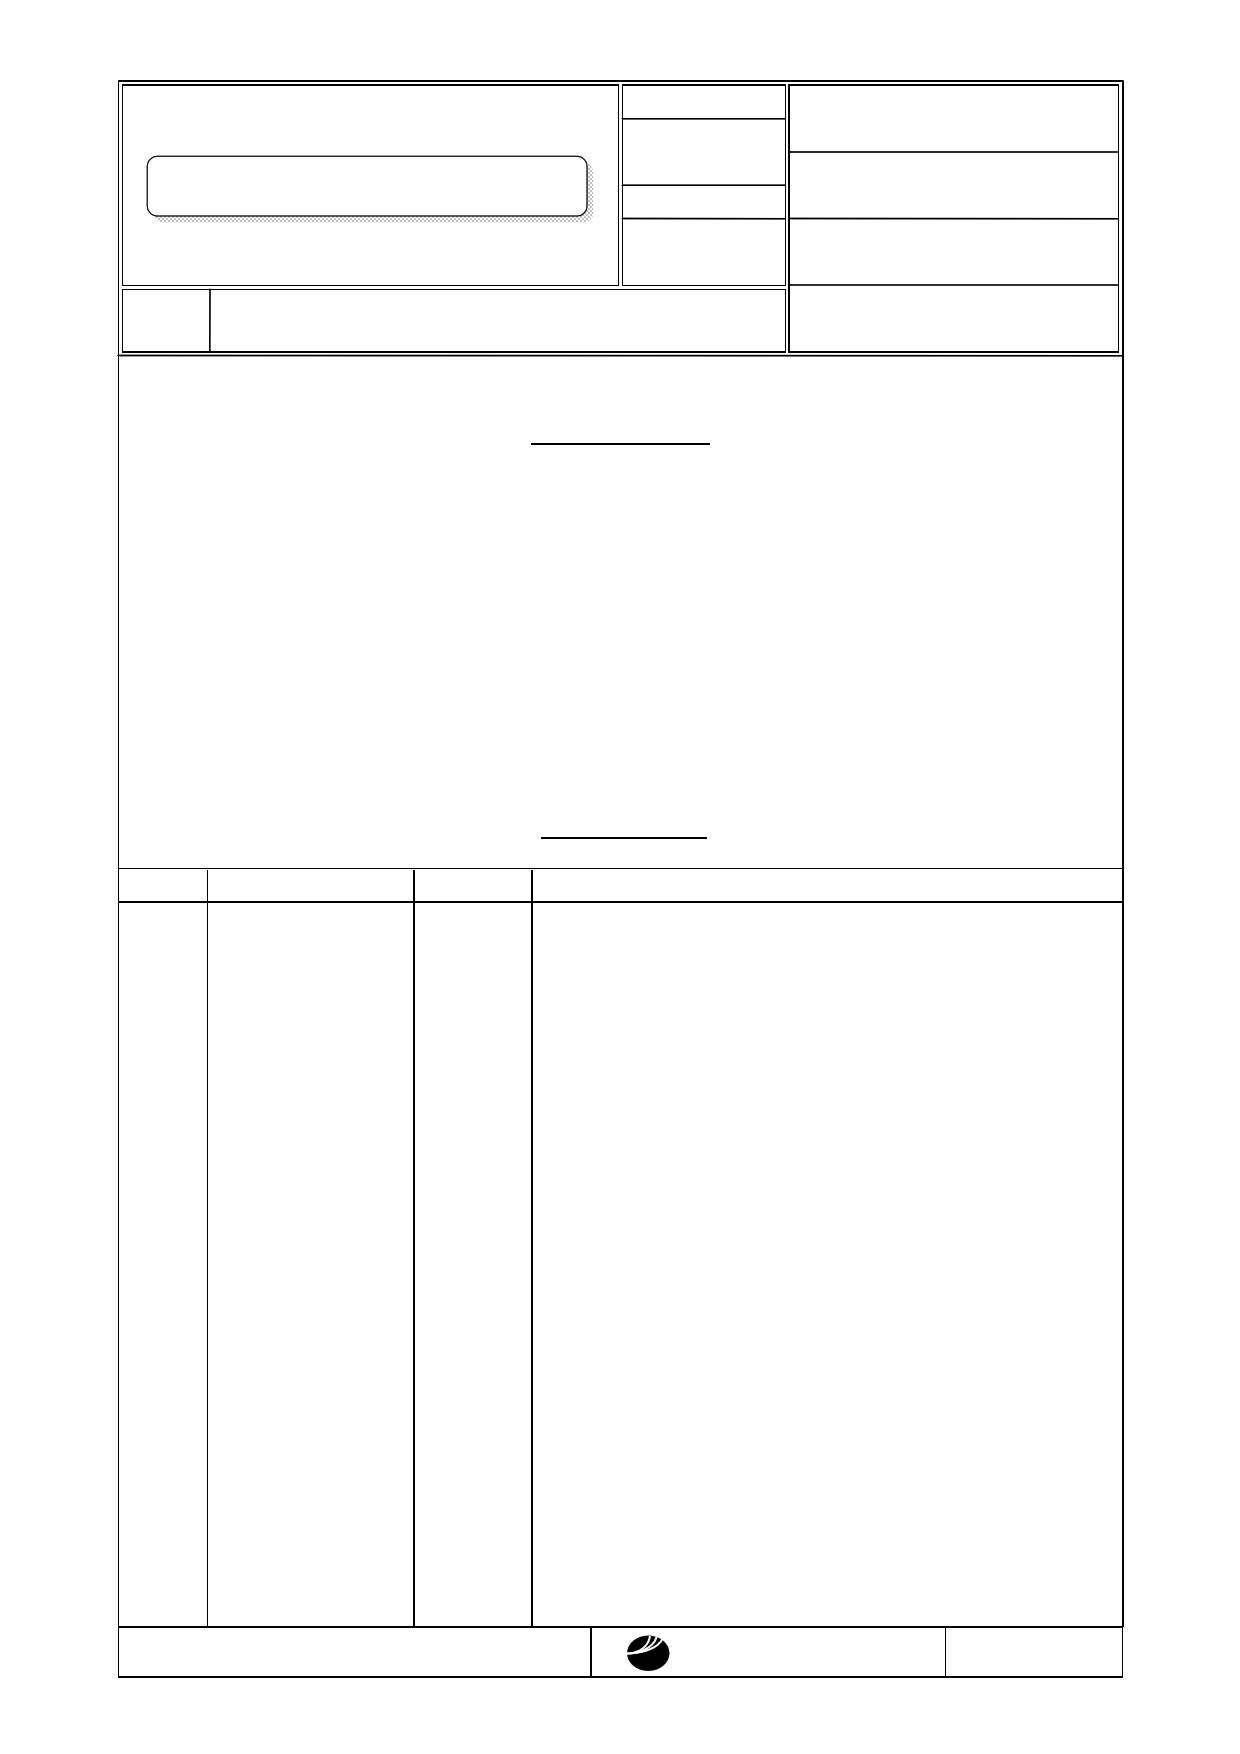 DMC16106C datasheet